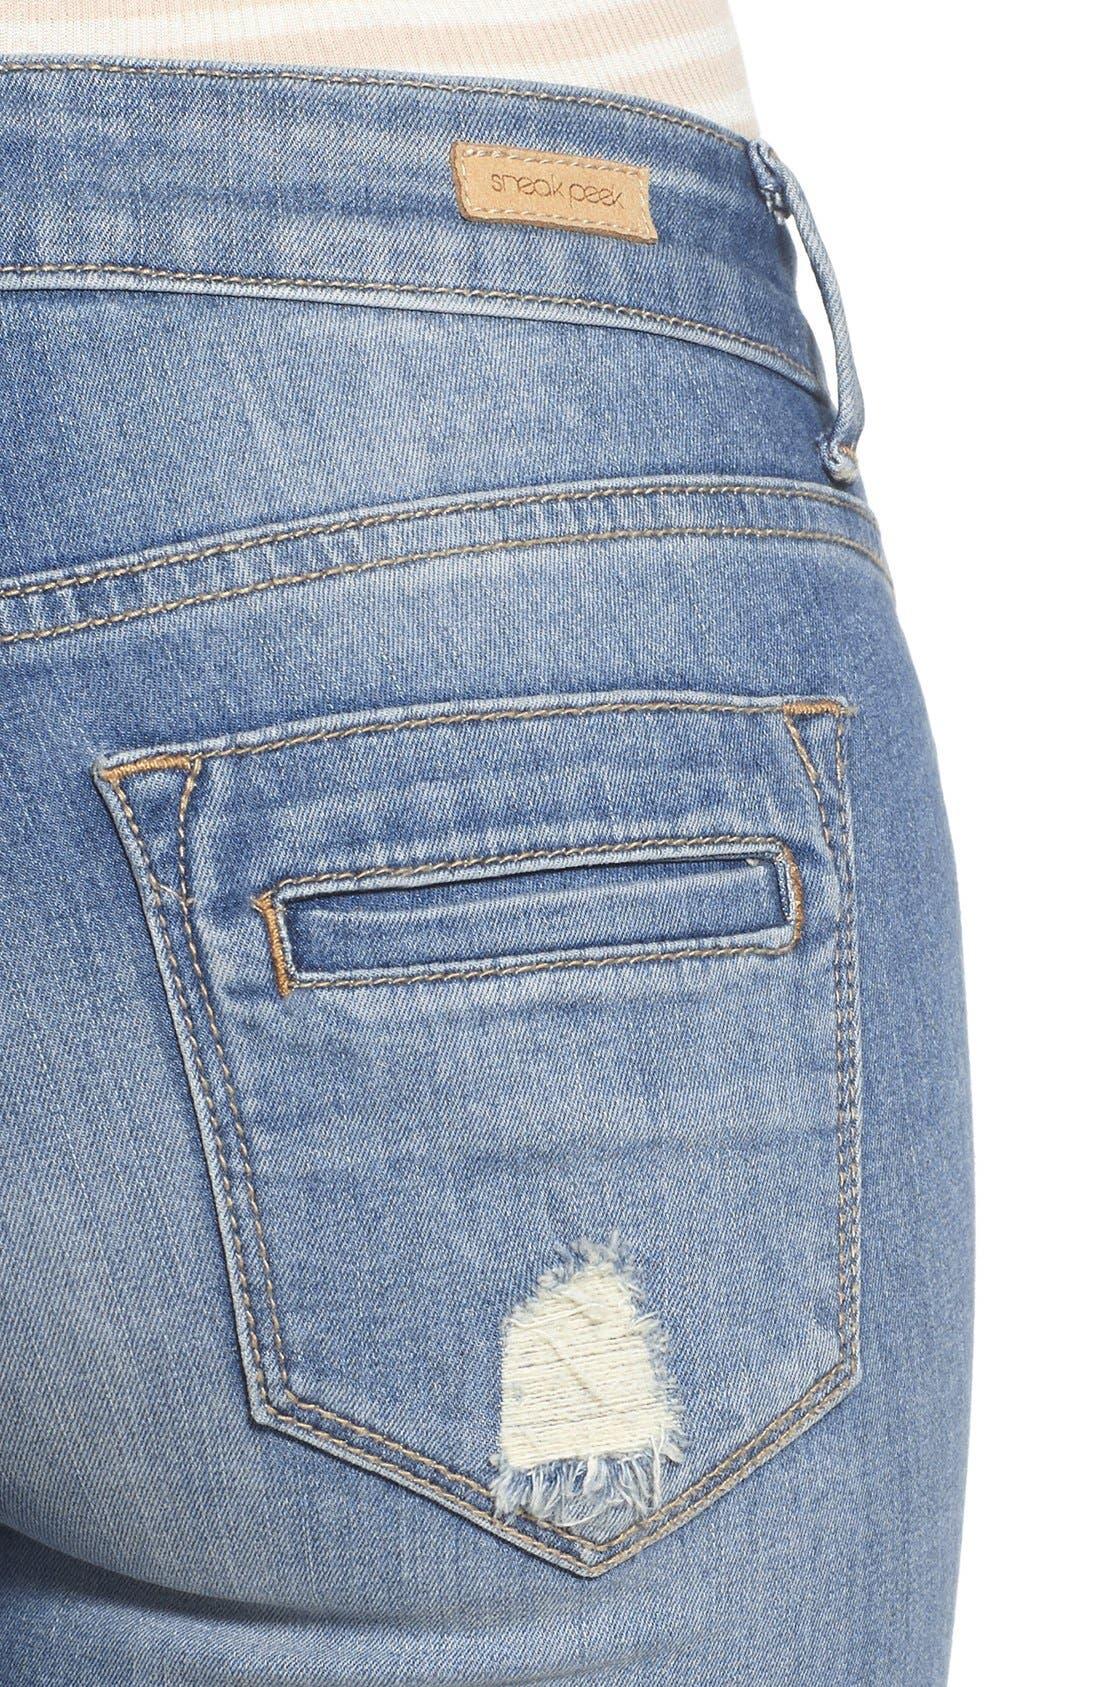 Alternate Image 4  - SP Black Distressed Skinny Jeans (Light Wash)